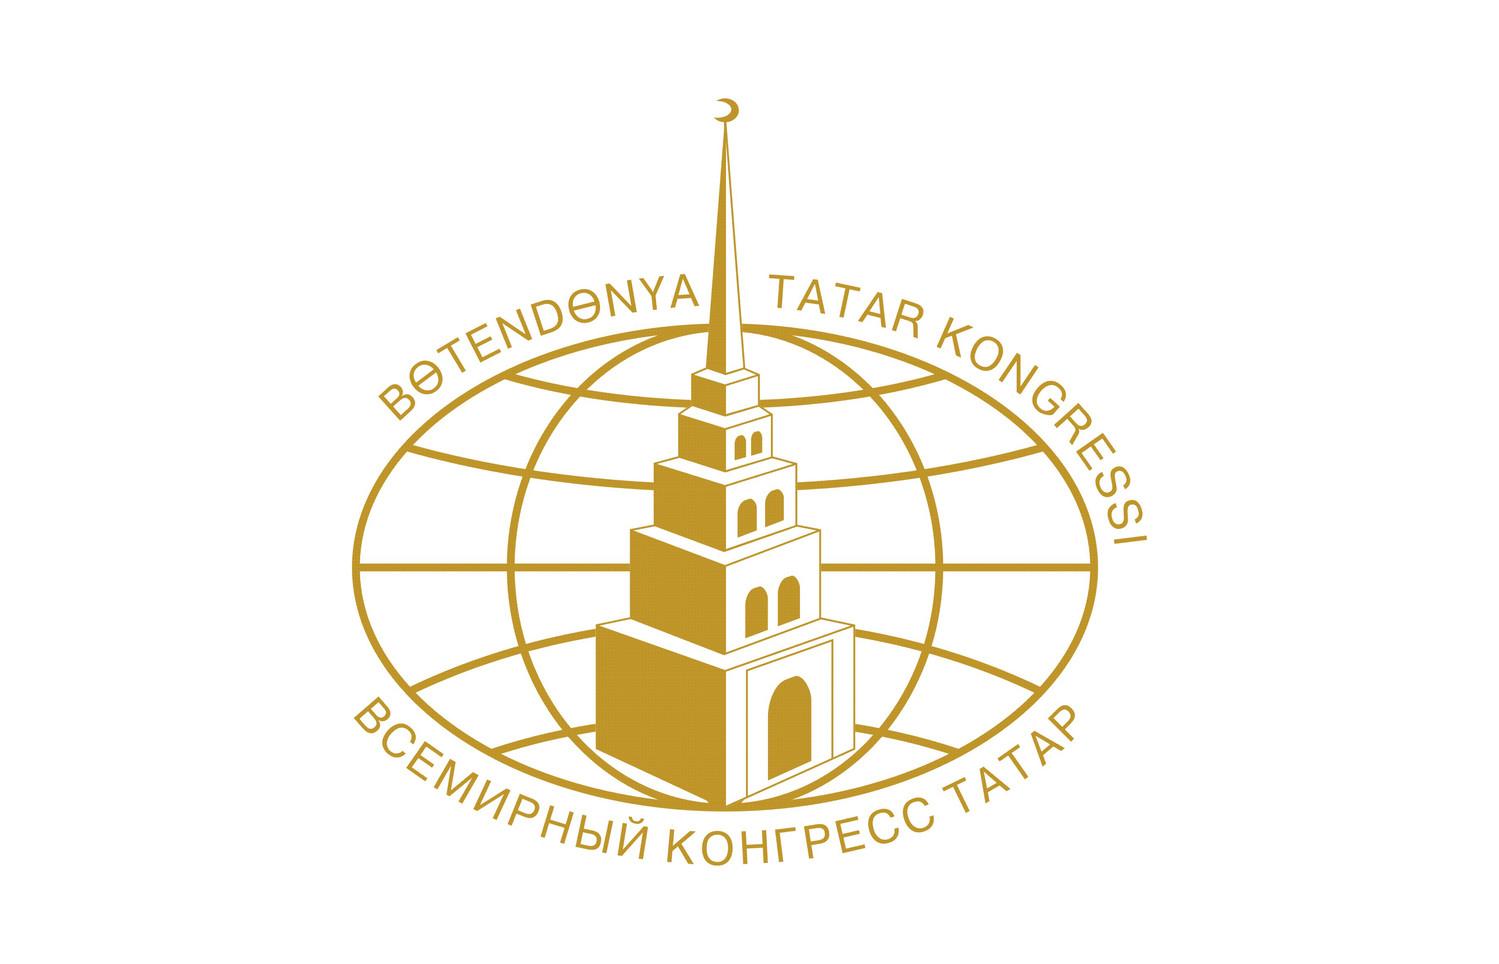 Минниханов объявил осоздании нацсовета вструктуре Всемирного конгресса татар